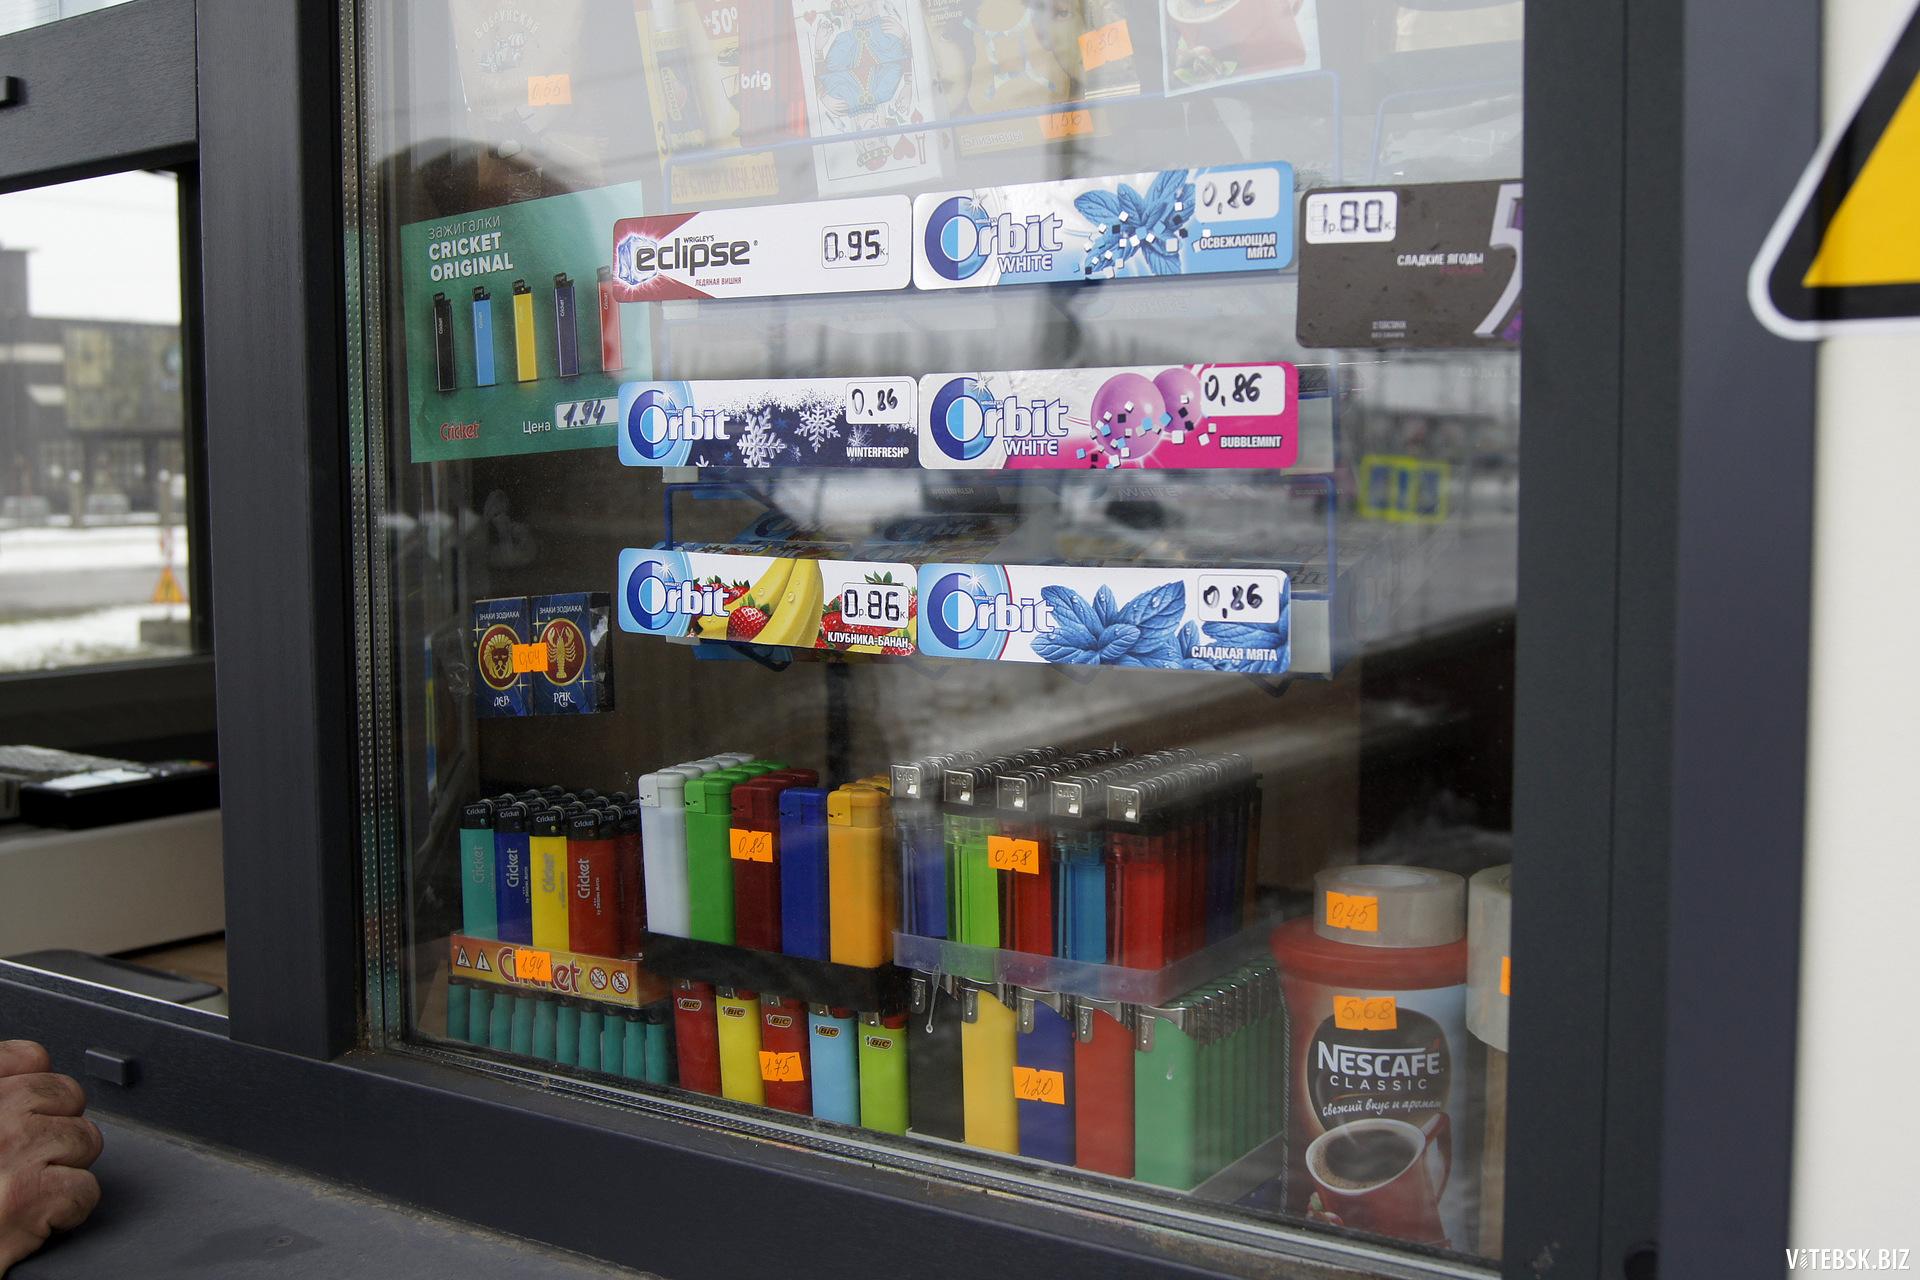 Продажа табачных изделий в киосках купить картриджи на электронную сигарету relax